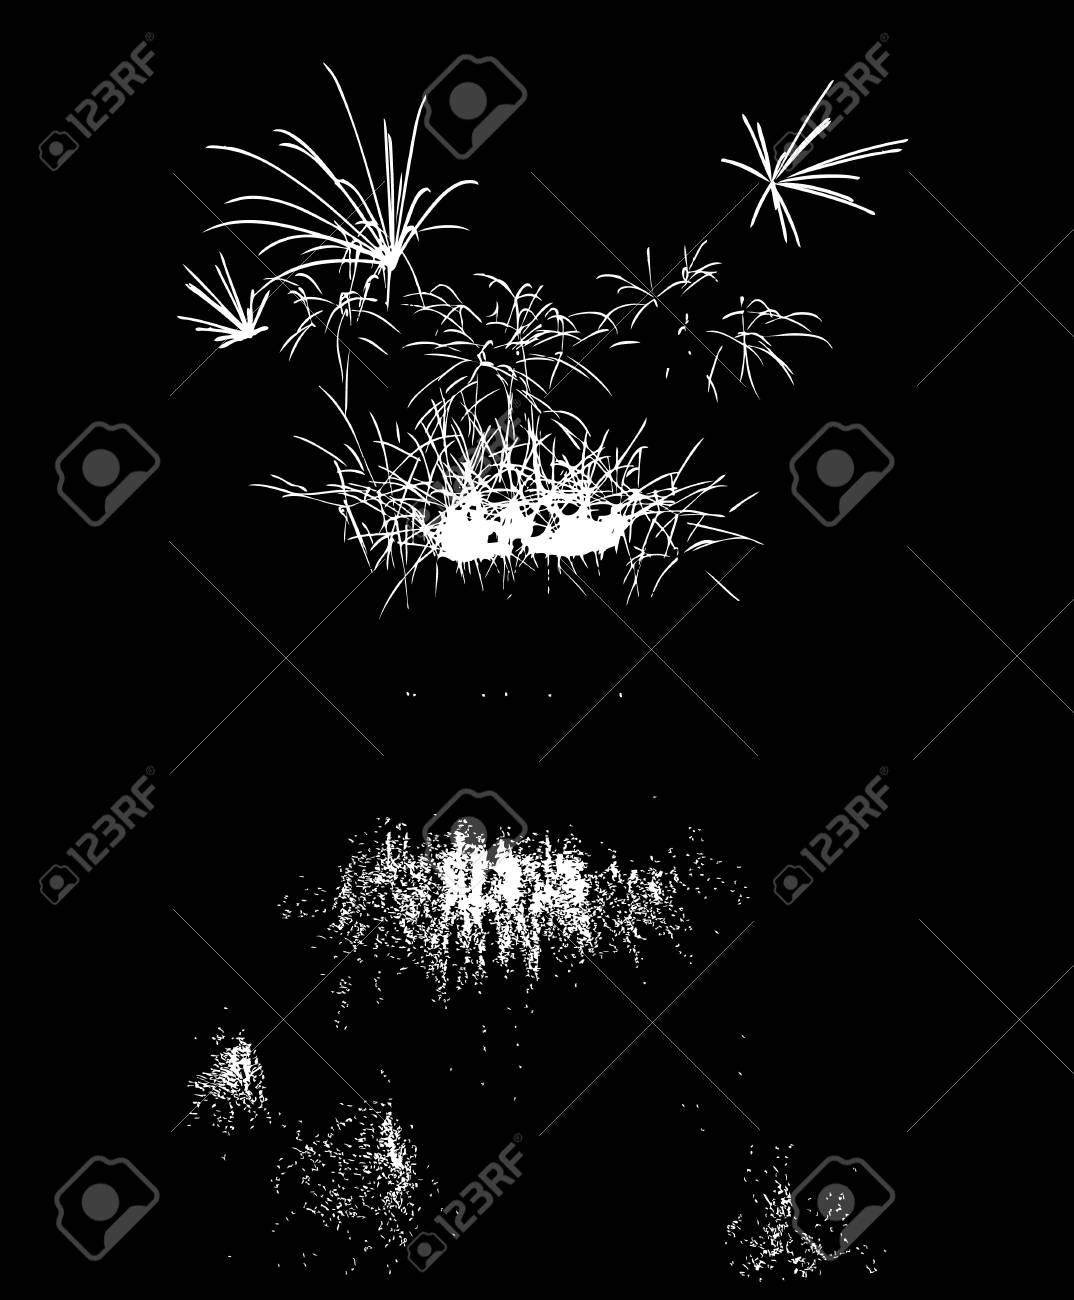 Vector De Los Fuegos Artificiales Con La Reflexion En El Lago